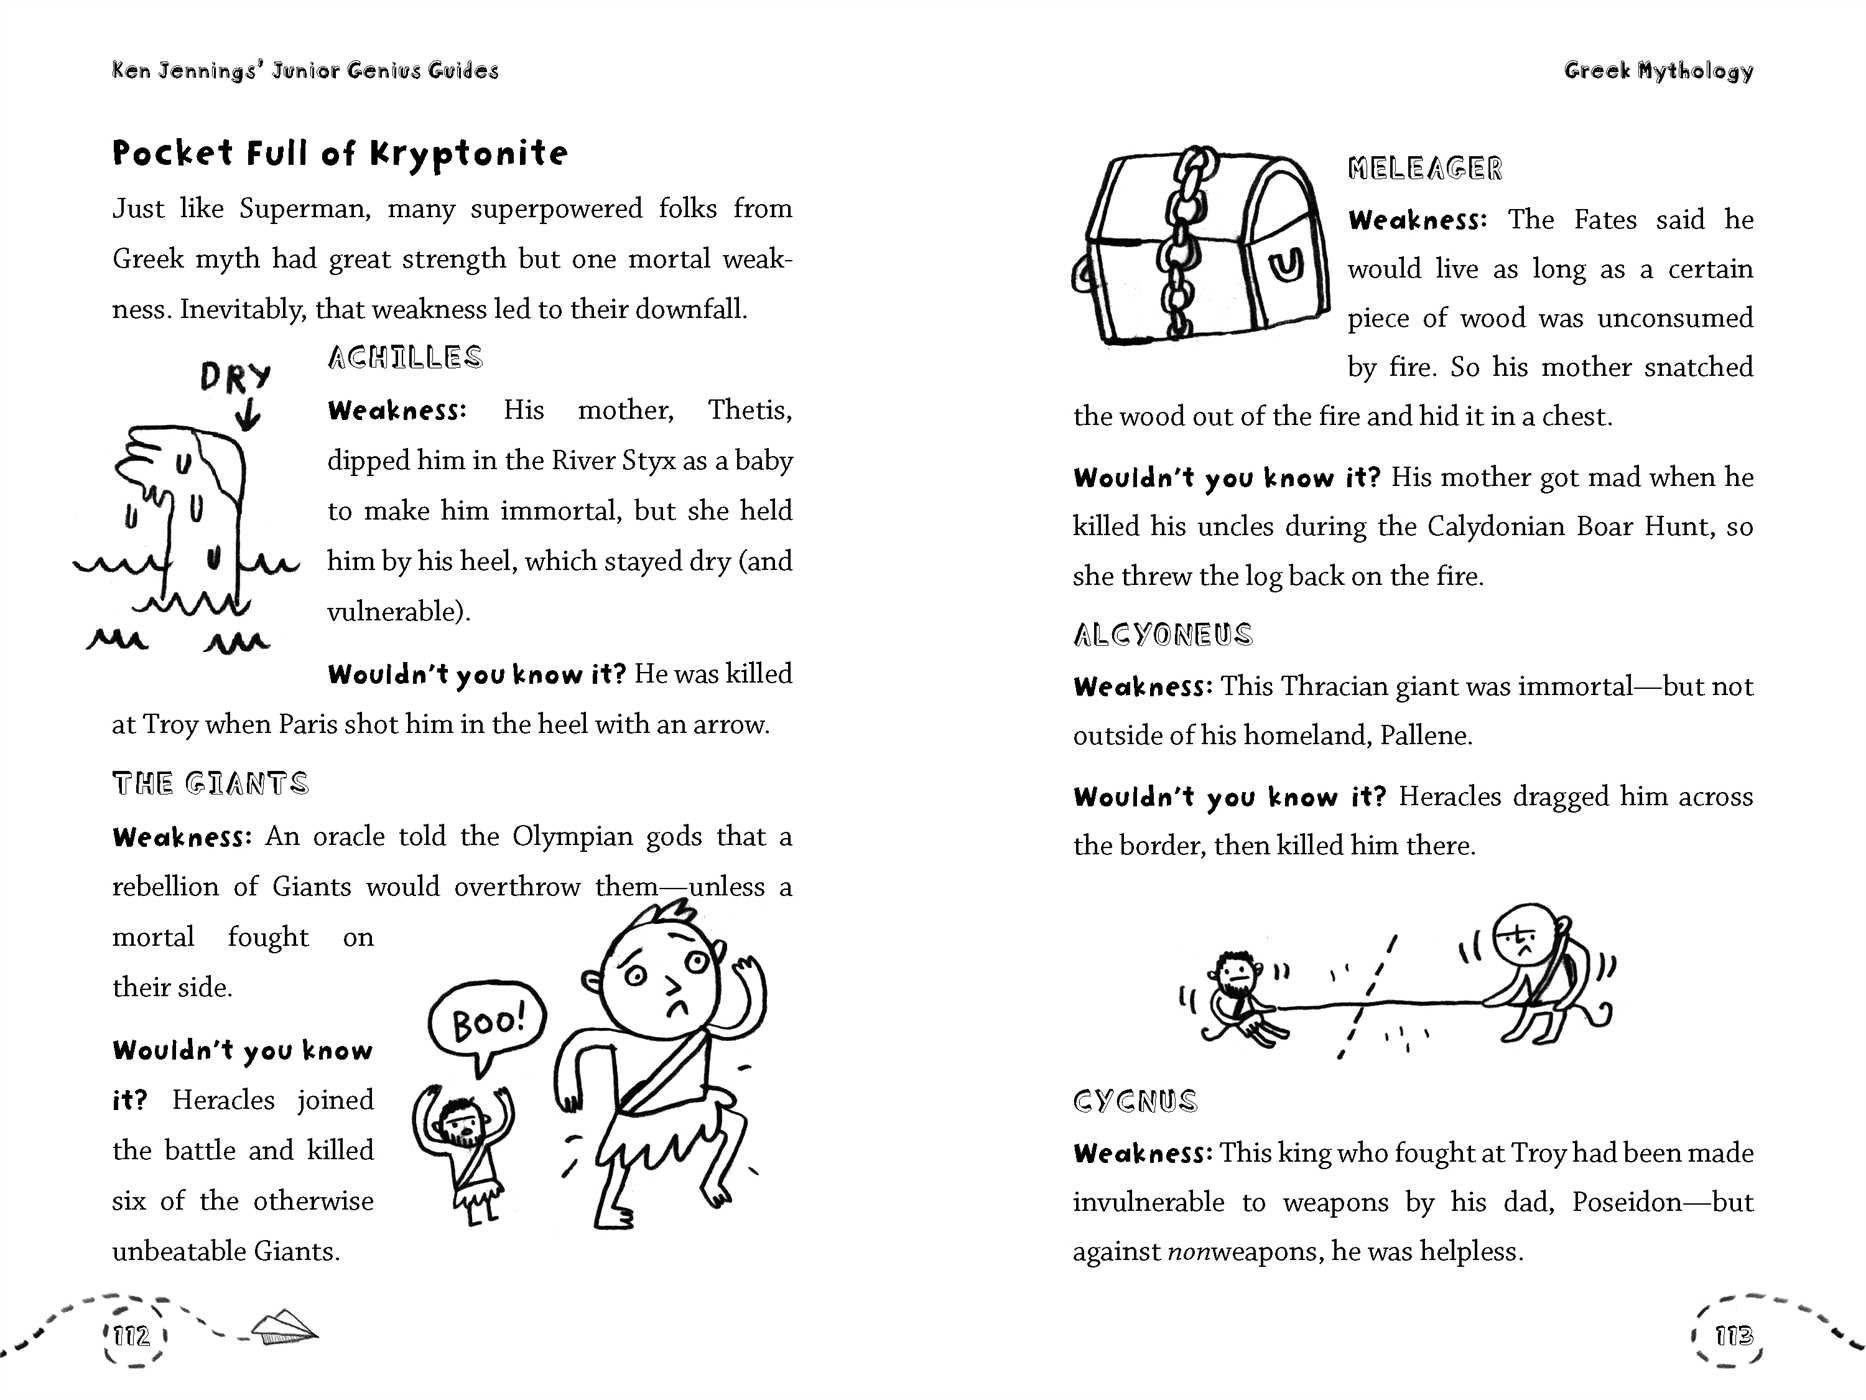 Greek Mythology Ken Jennings Junior Genius Guides Ken Jennings